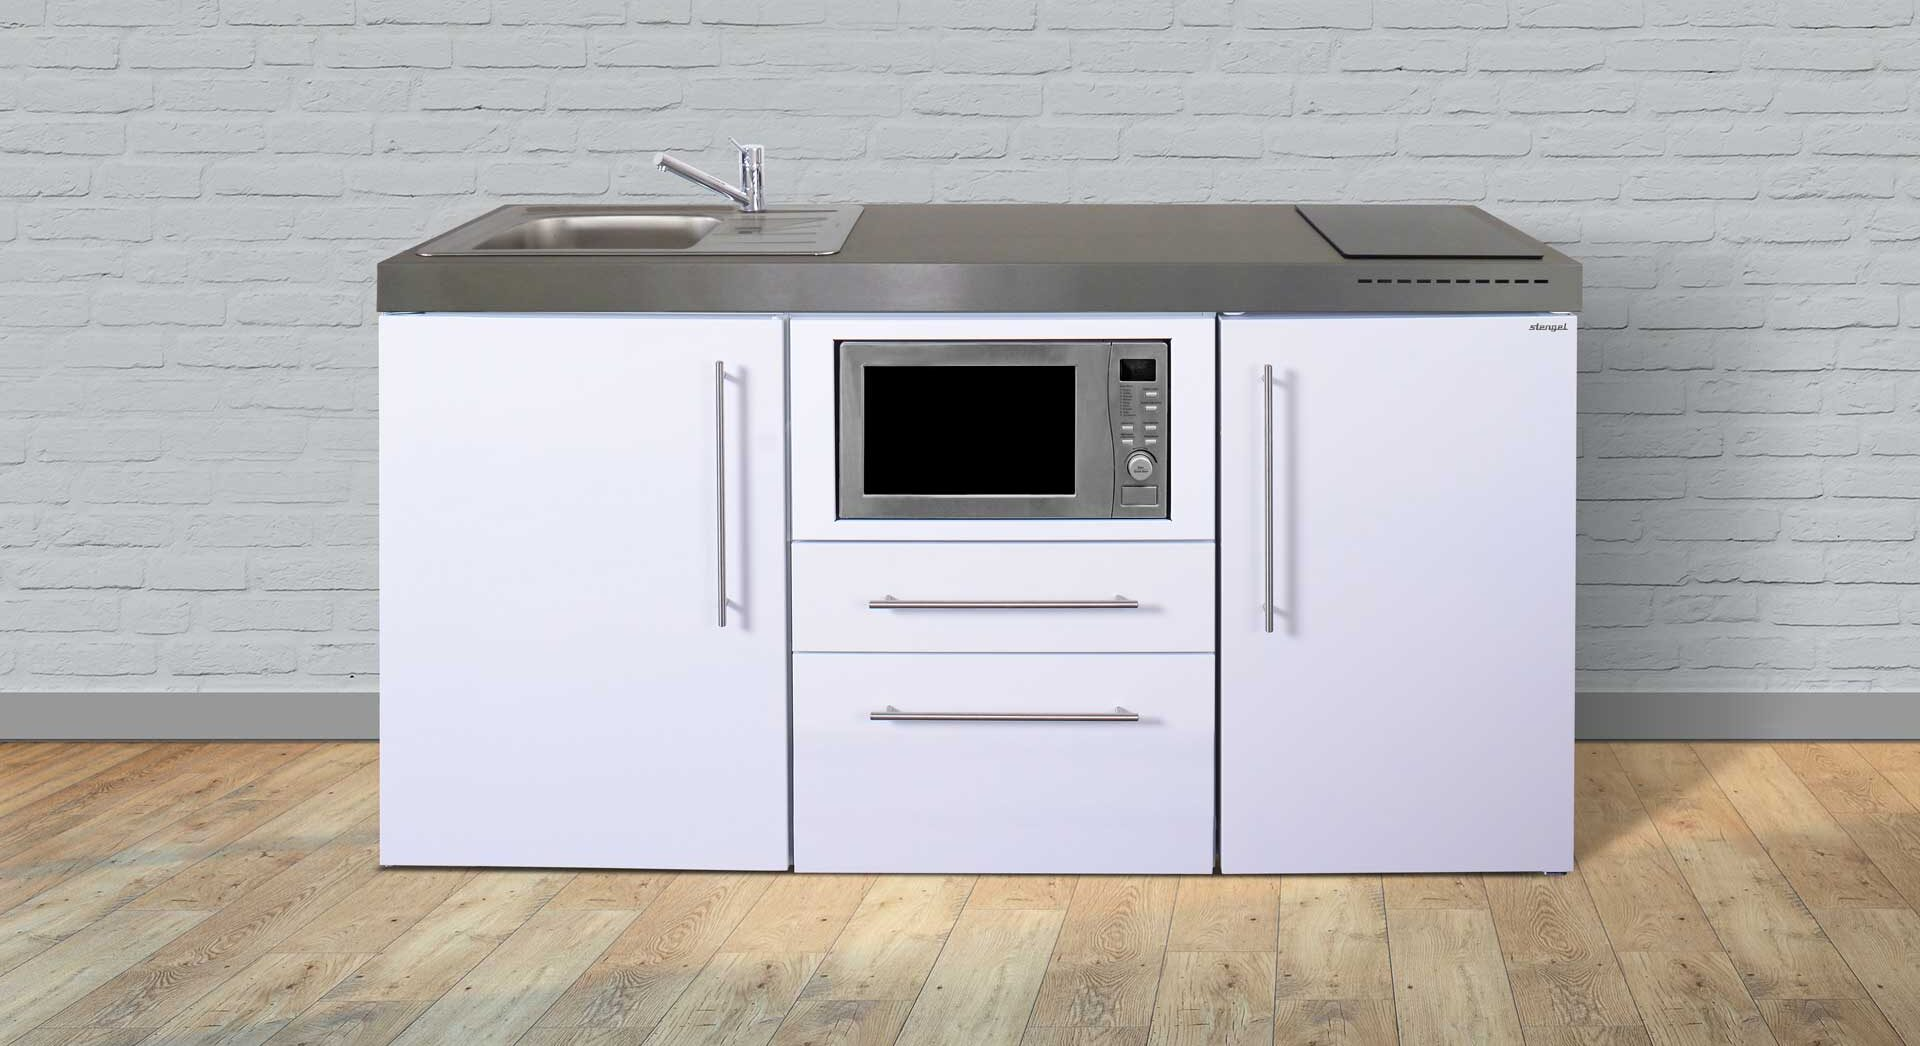 MPM 170 rustfrit stål minikøkken - med alle hvidevarer: køleskab m. frys, mikroovn, induktionskogeplade mm. Kimbrer Lines i Farsø.